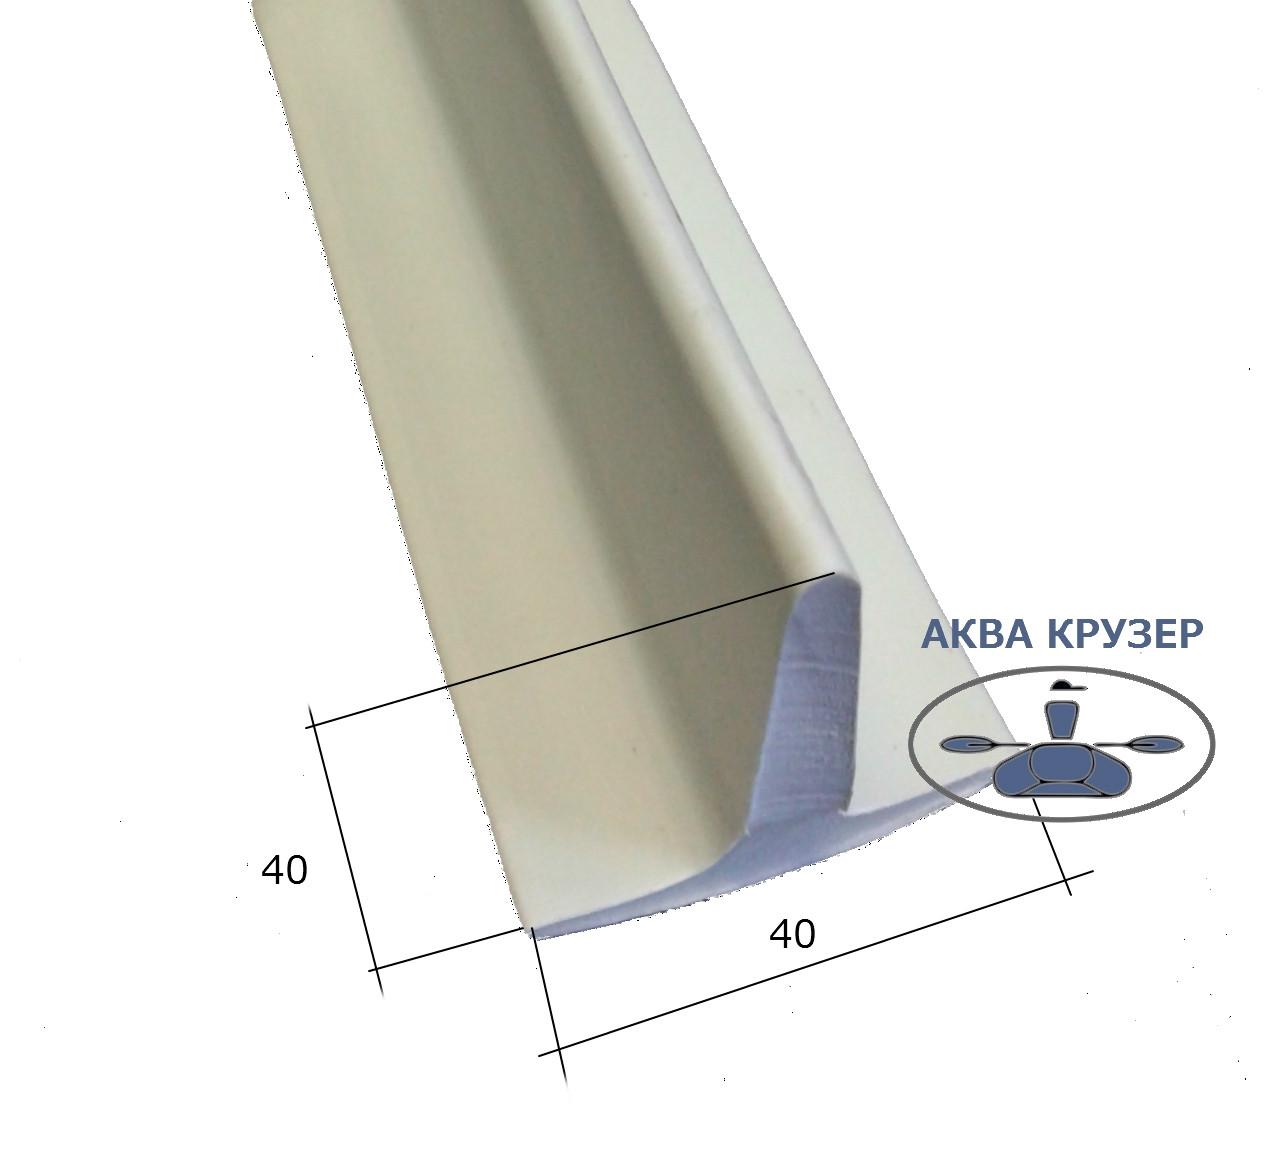 Т образный профиль пвх курсовой стабилизатор в Аква Крузер Т образный профиль пвх курсовой стабилизатор цвет серый